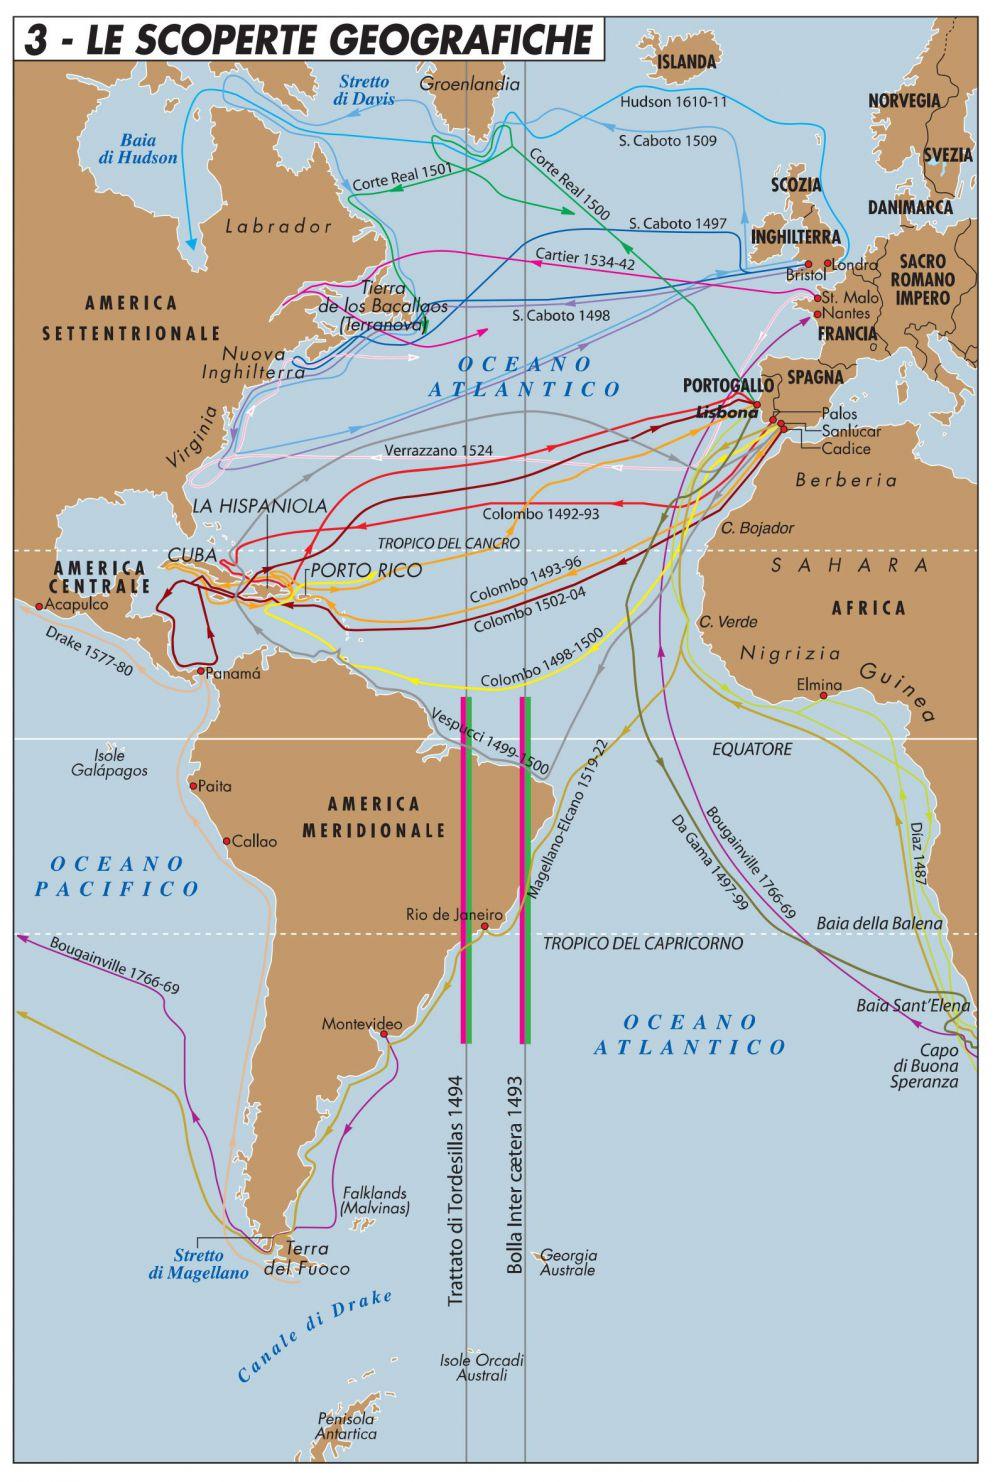 Cartina Geografica Spagna E Isole.La Prospettiva Di Tordesillas Come Introduzione Alla Geopolitica Spagnola Limes